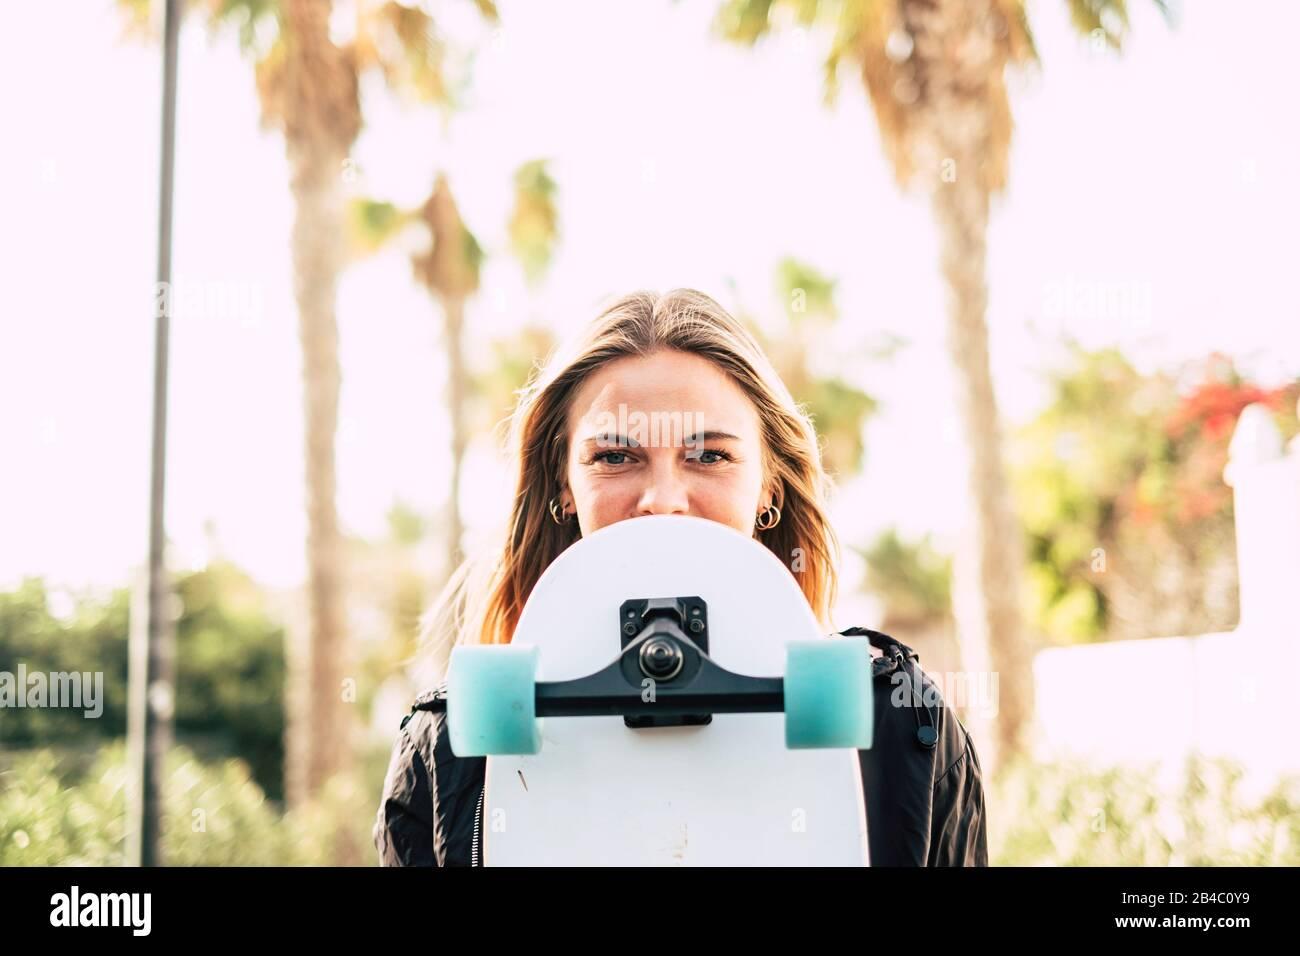 Moderne gai belle fille blonde portrait avec planche à roulettes couvrant une partie du joli visage - jeunes millénaires concept de plein air profiter de style de vie et des jours ensoleillés Banque D'Images